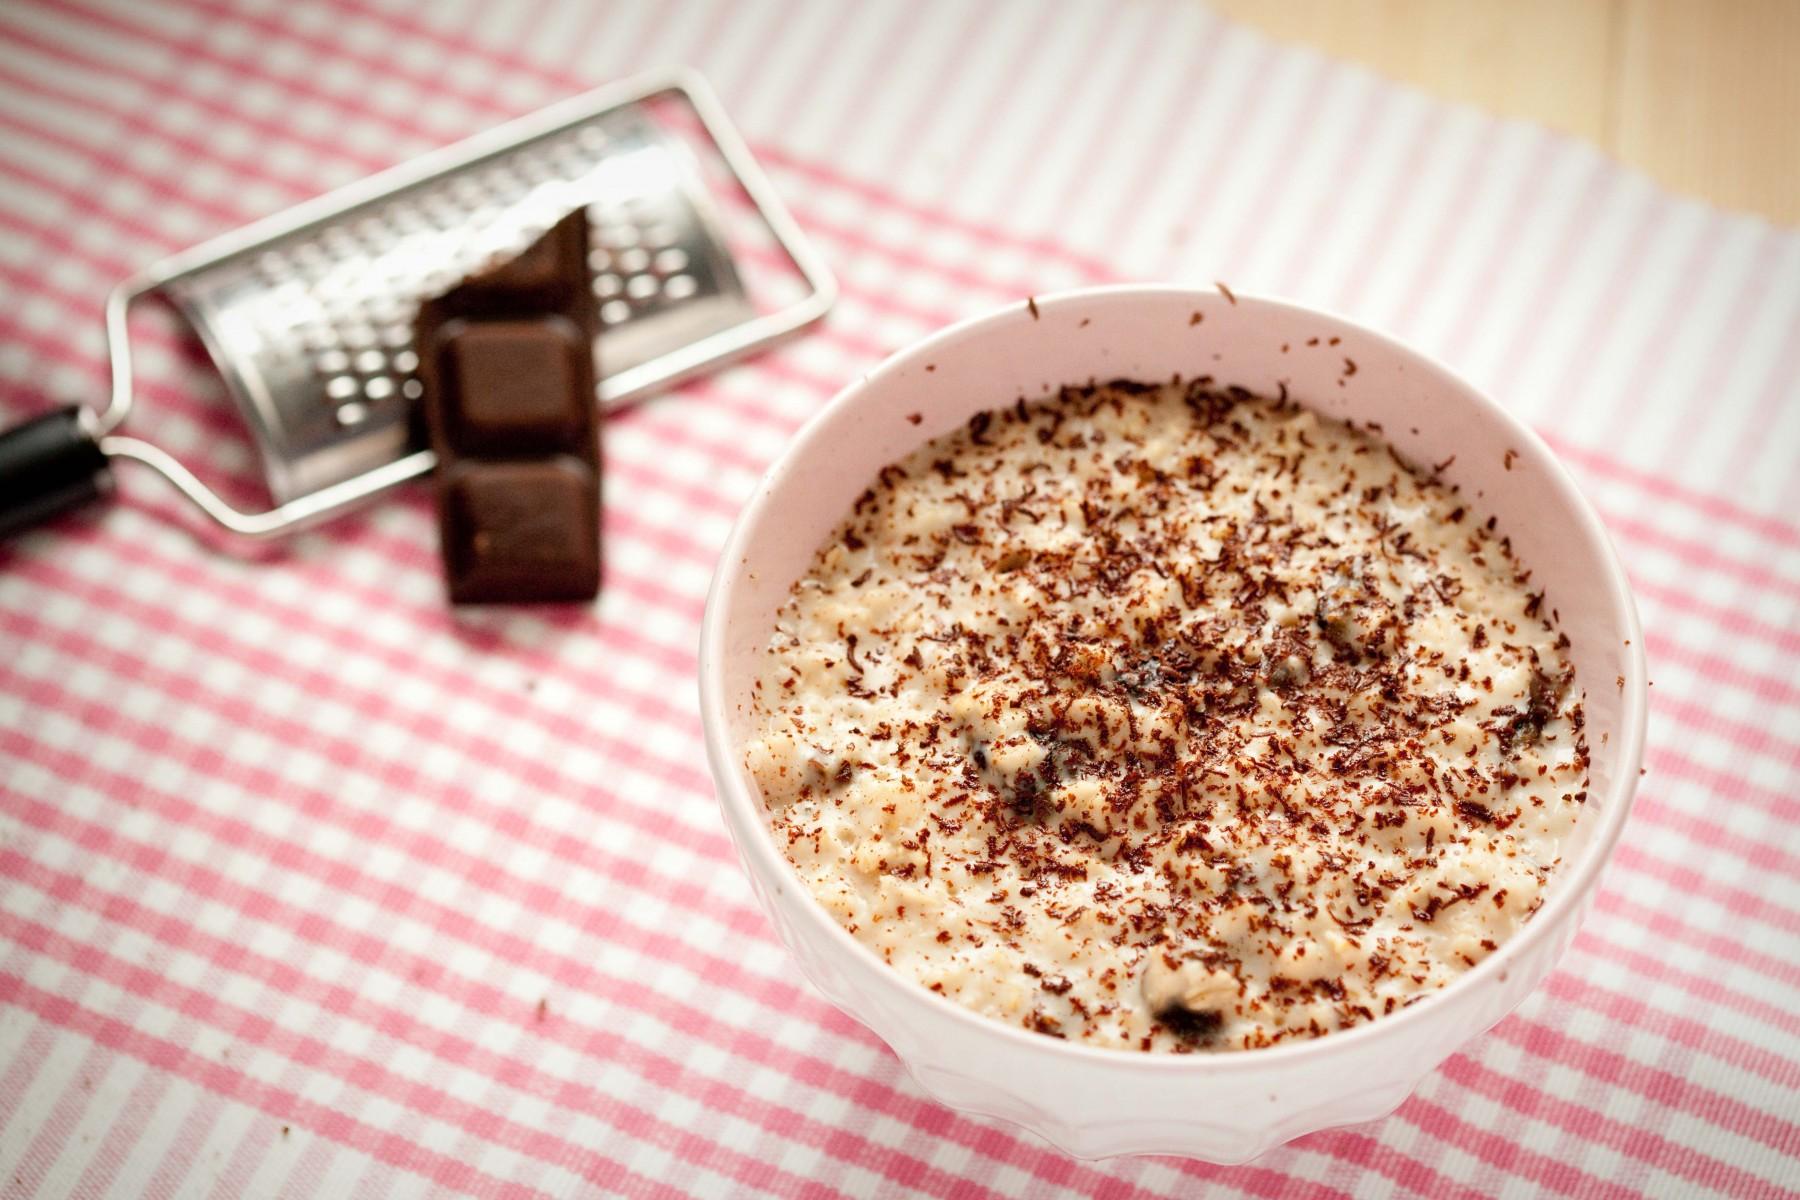 kokosowa-owsianka-ze-sliwkami-i-czekolada